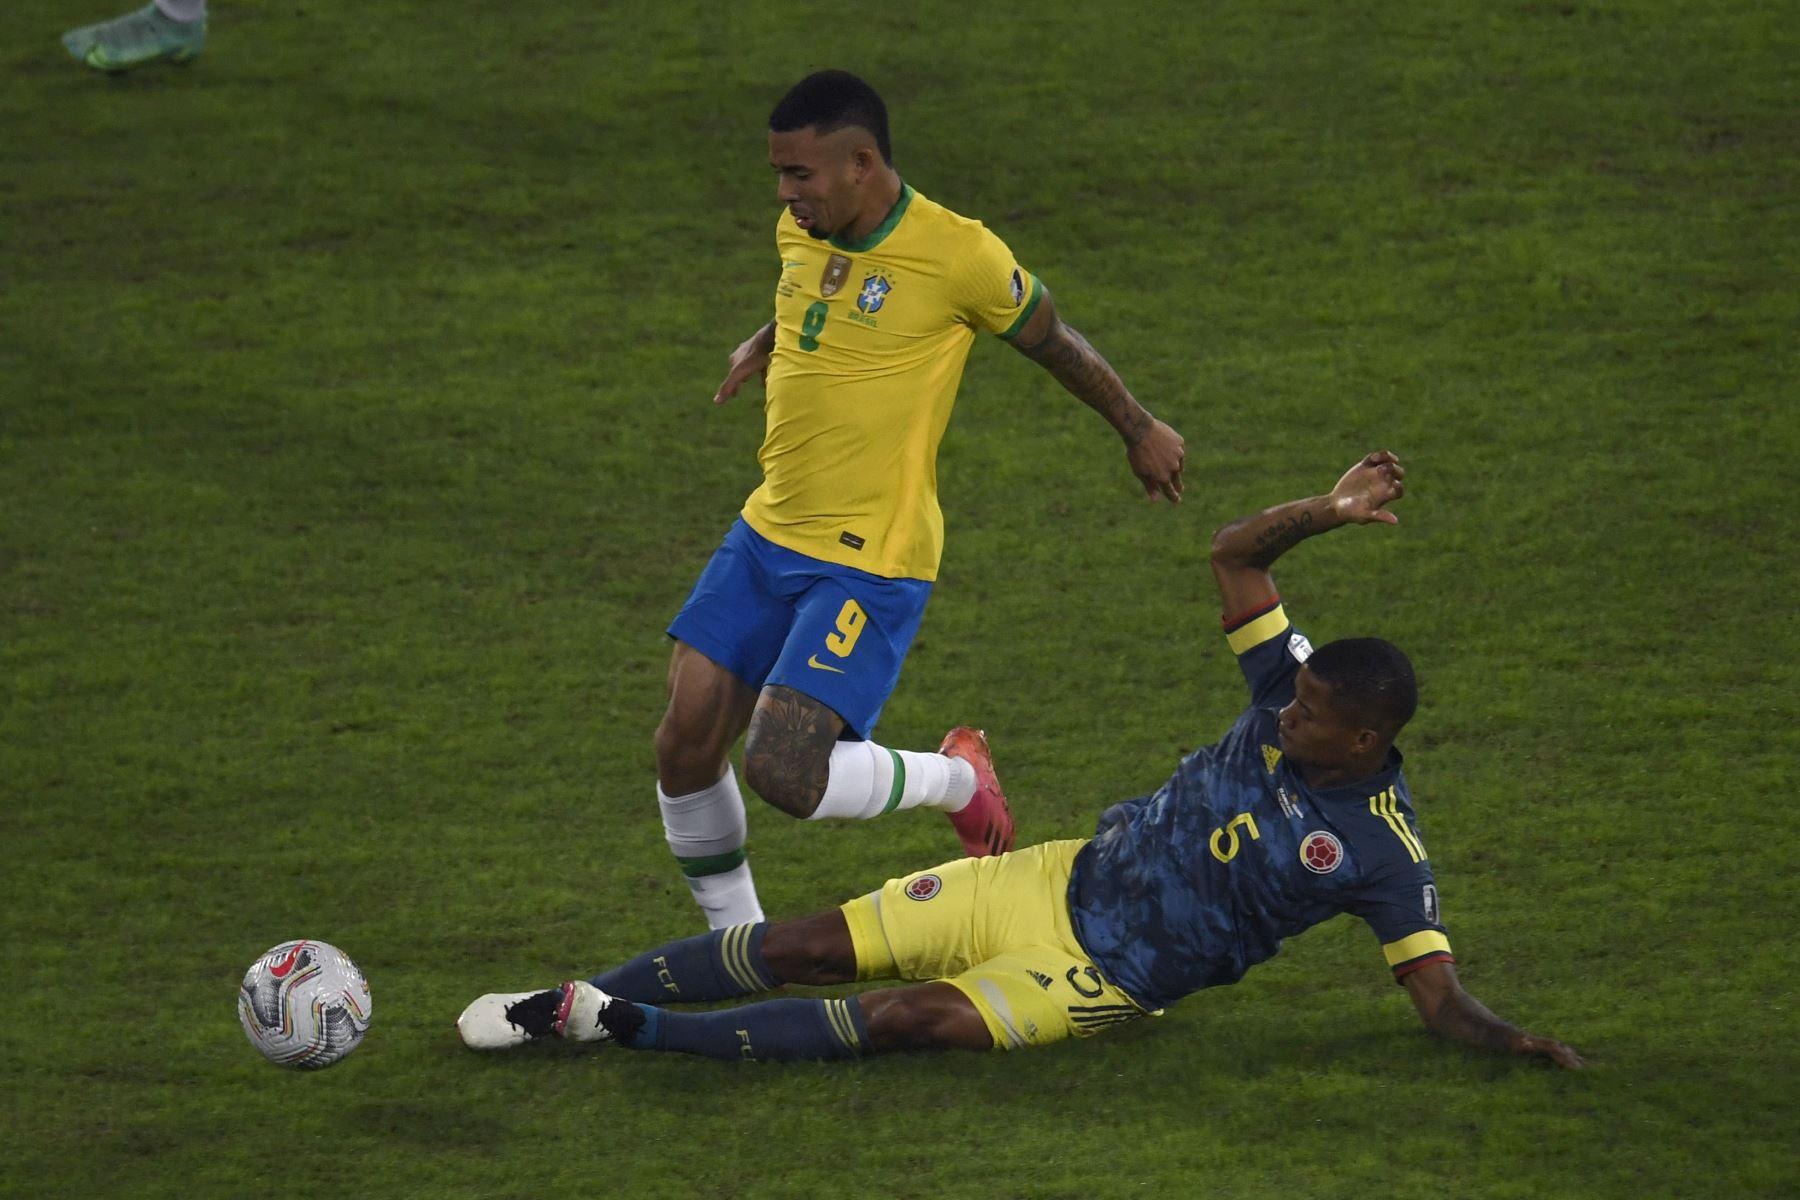 El brasileño Gabriel Jesus y el colombiano Wilmar Barrios compiten por el balón durante el partido de la fase de grupos del torneo de fútbol Conmebol Copa América 2021 en el estadio Nilton Santos de Río de Janeiro, Brasil. Foto: AFP